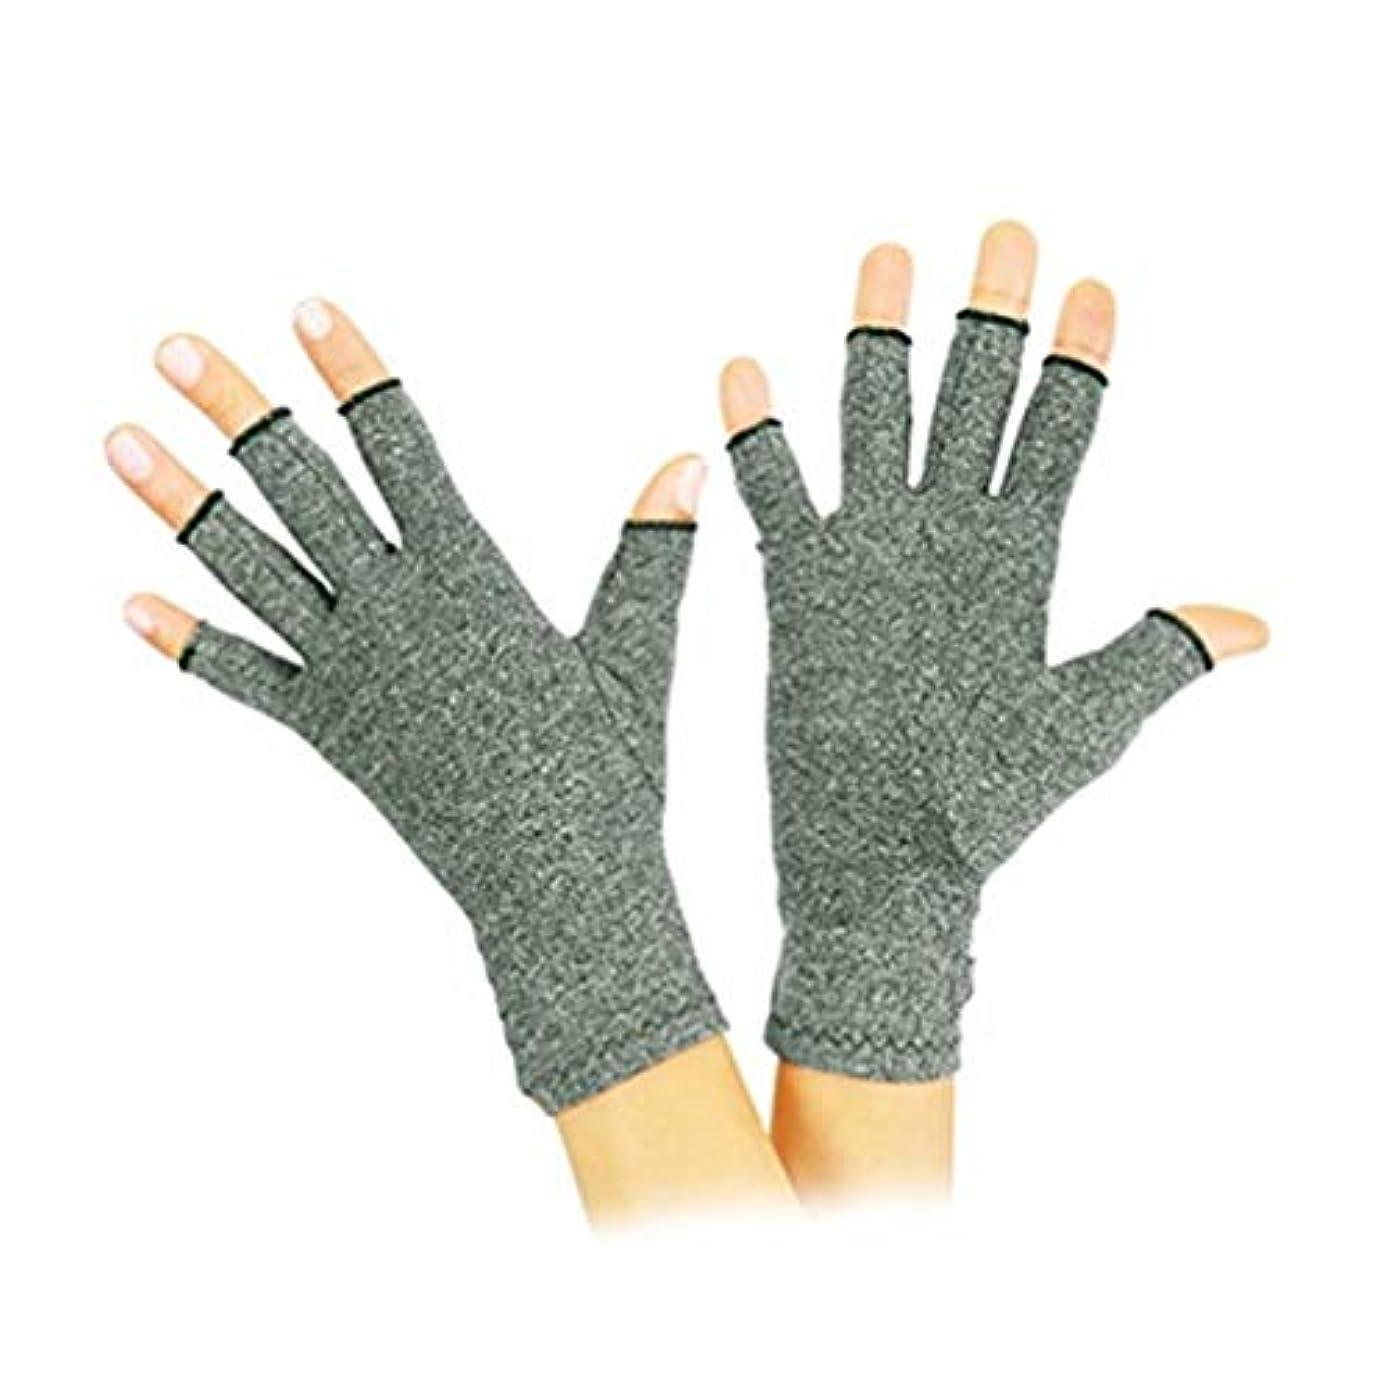 ラフト背景偽善者関節リウマチリウマチ性変形性関節症用手袋圧縮手袋コンピュータ入力用痛み緩和